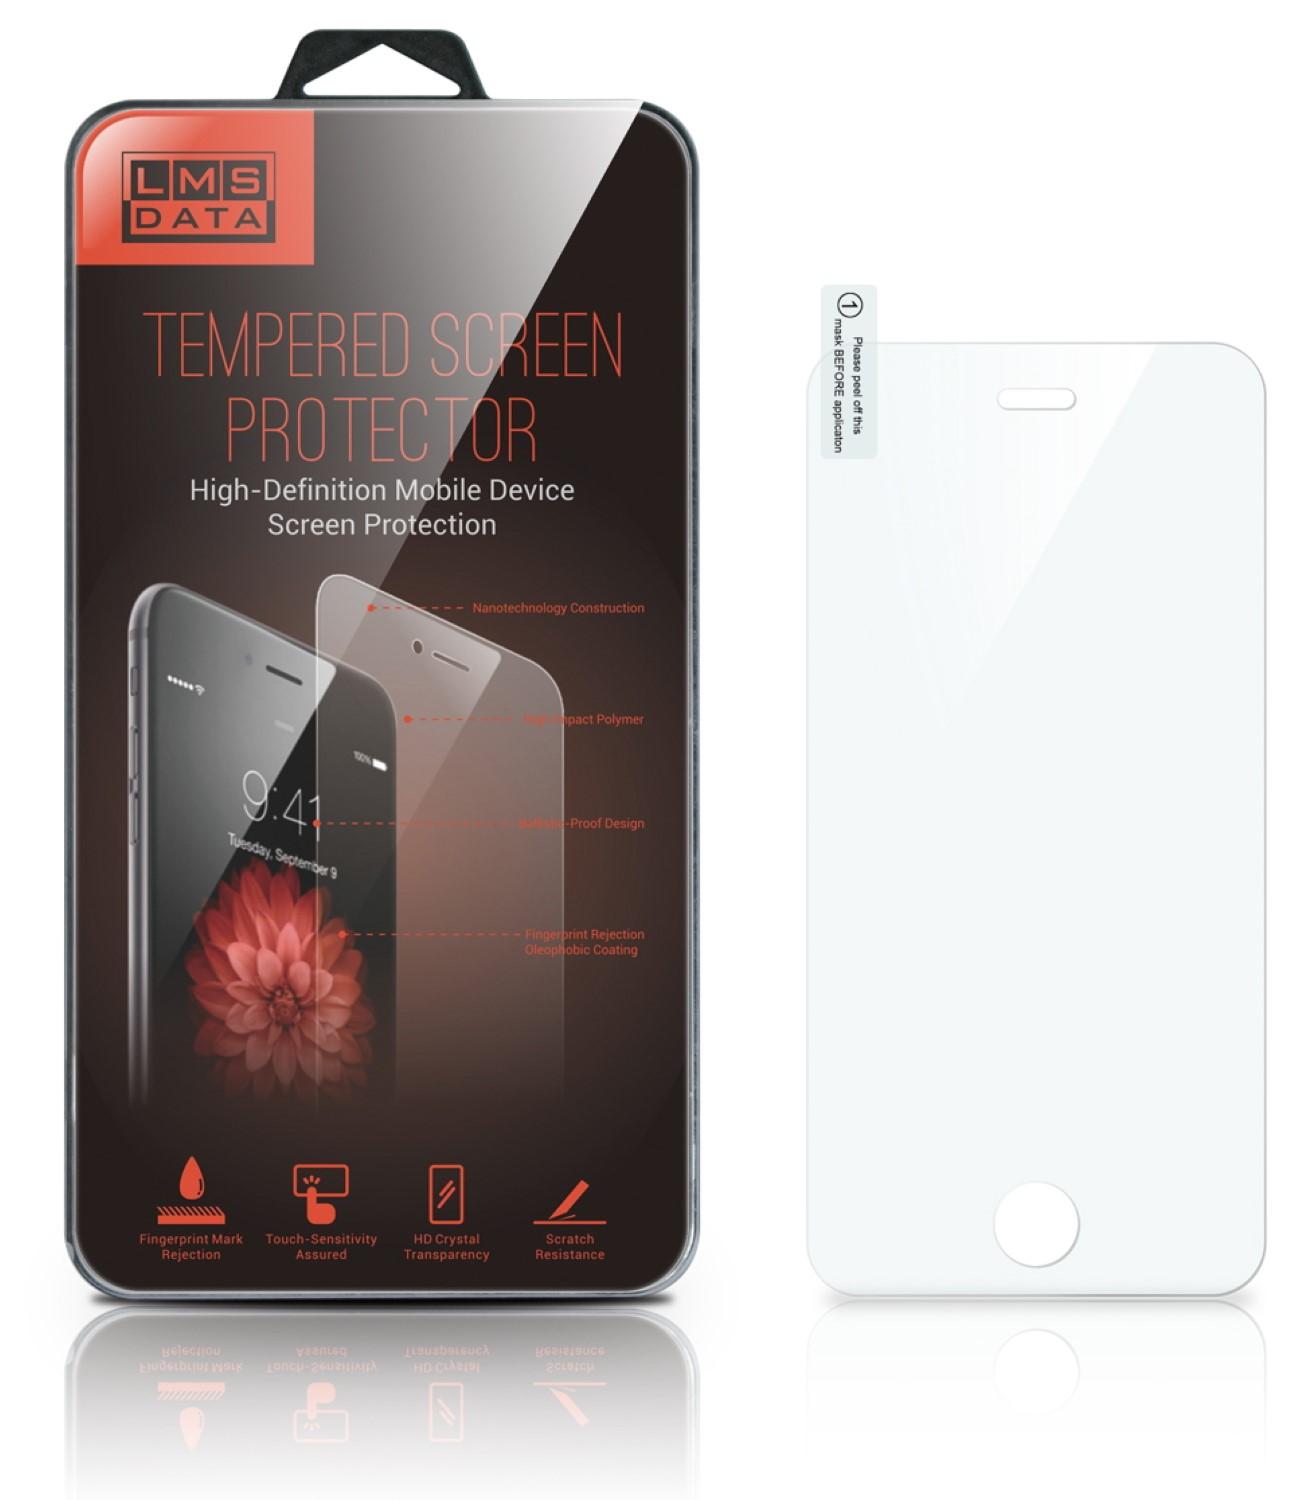 מגן זכוכית איכותי Xiaomi Mi6 מבית LMS DATA